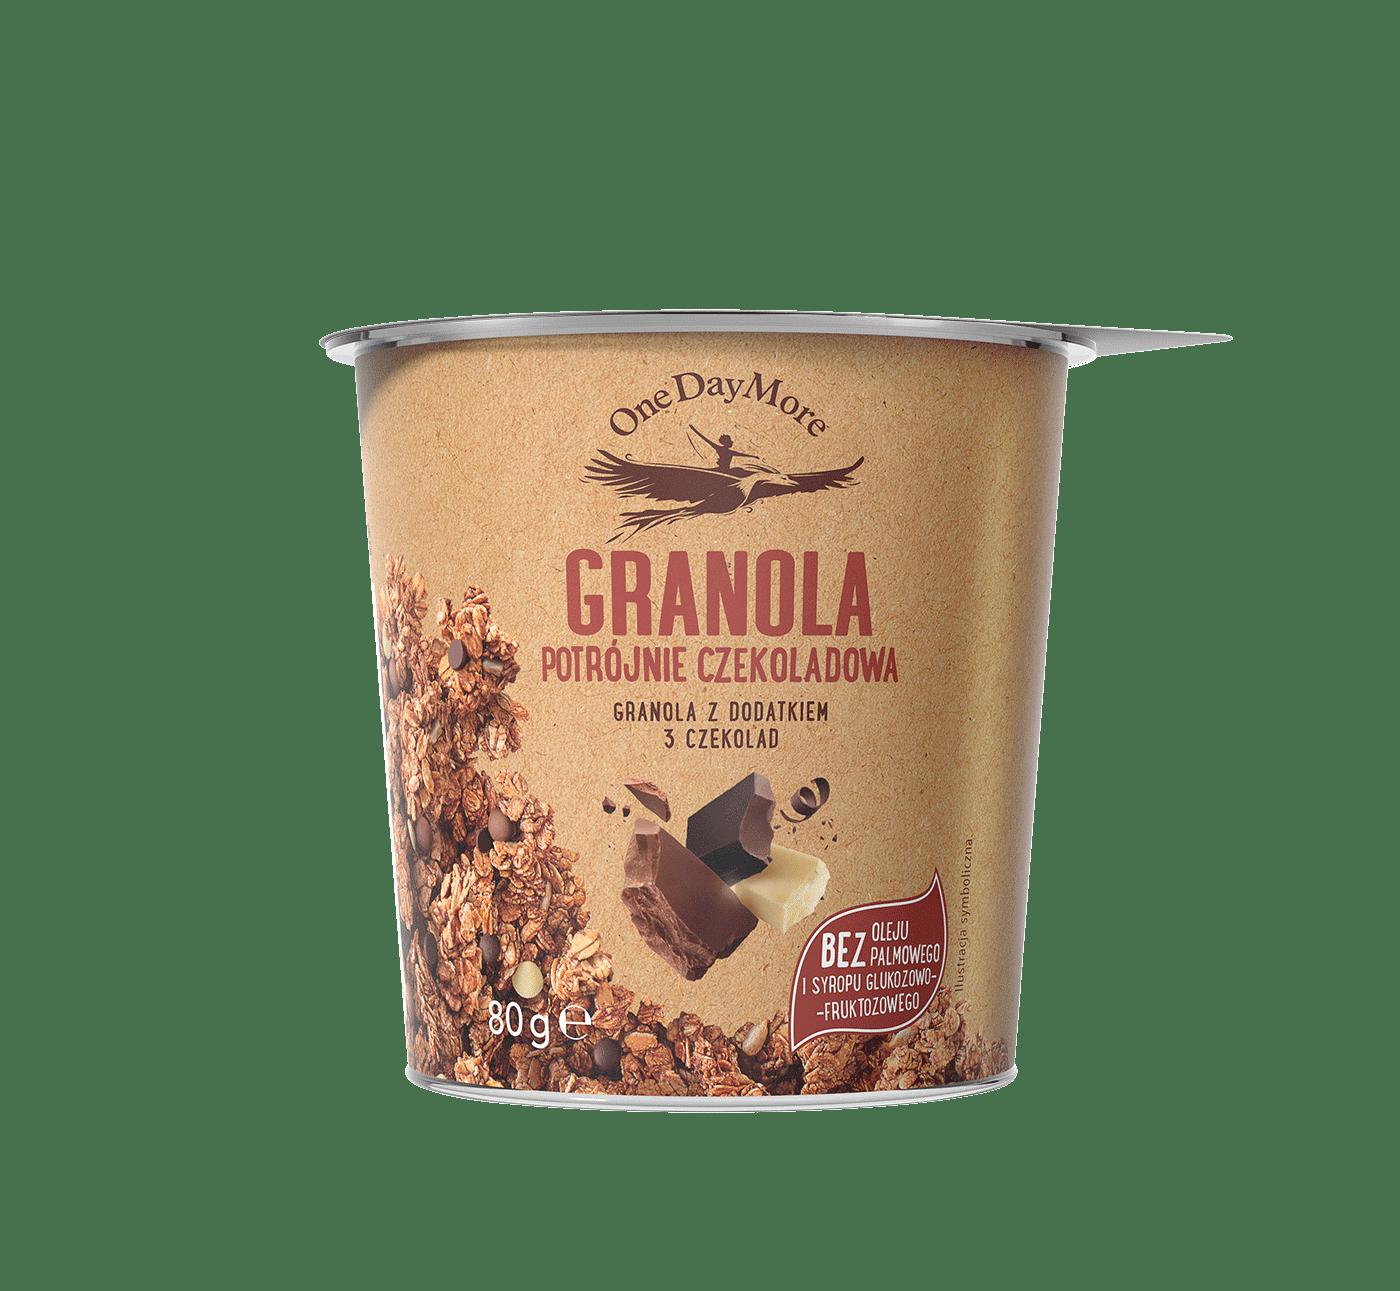 kubek-granola-potrojnie-czekoladowa-zestaw-kubkow-przod-onedaymore-1400×1291-1